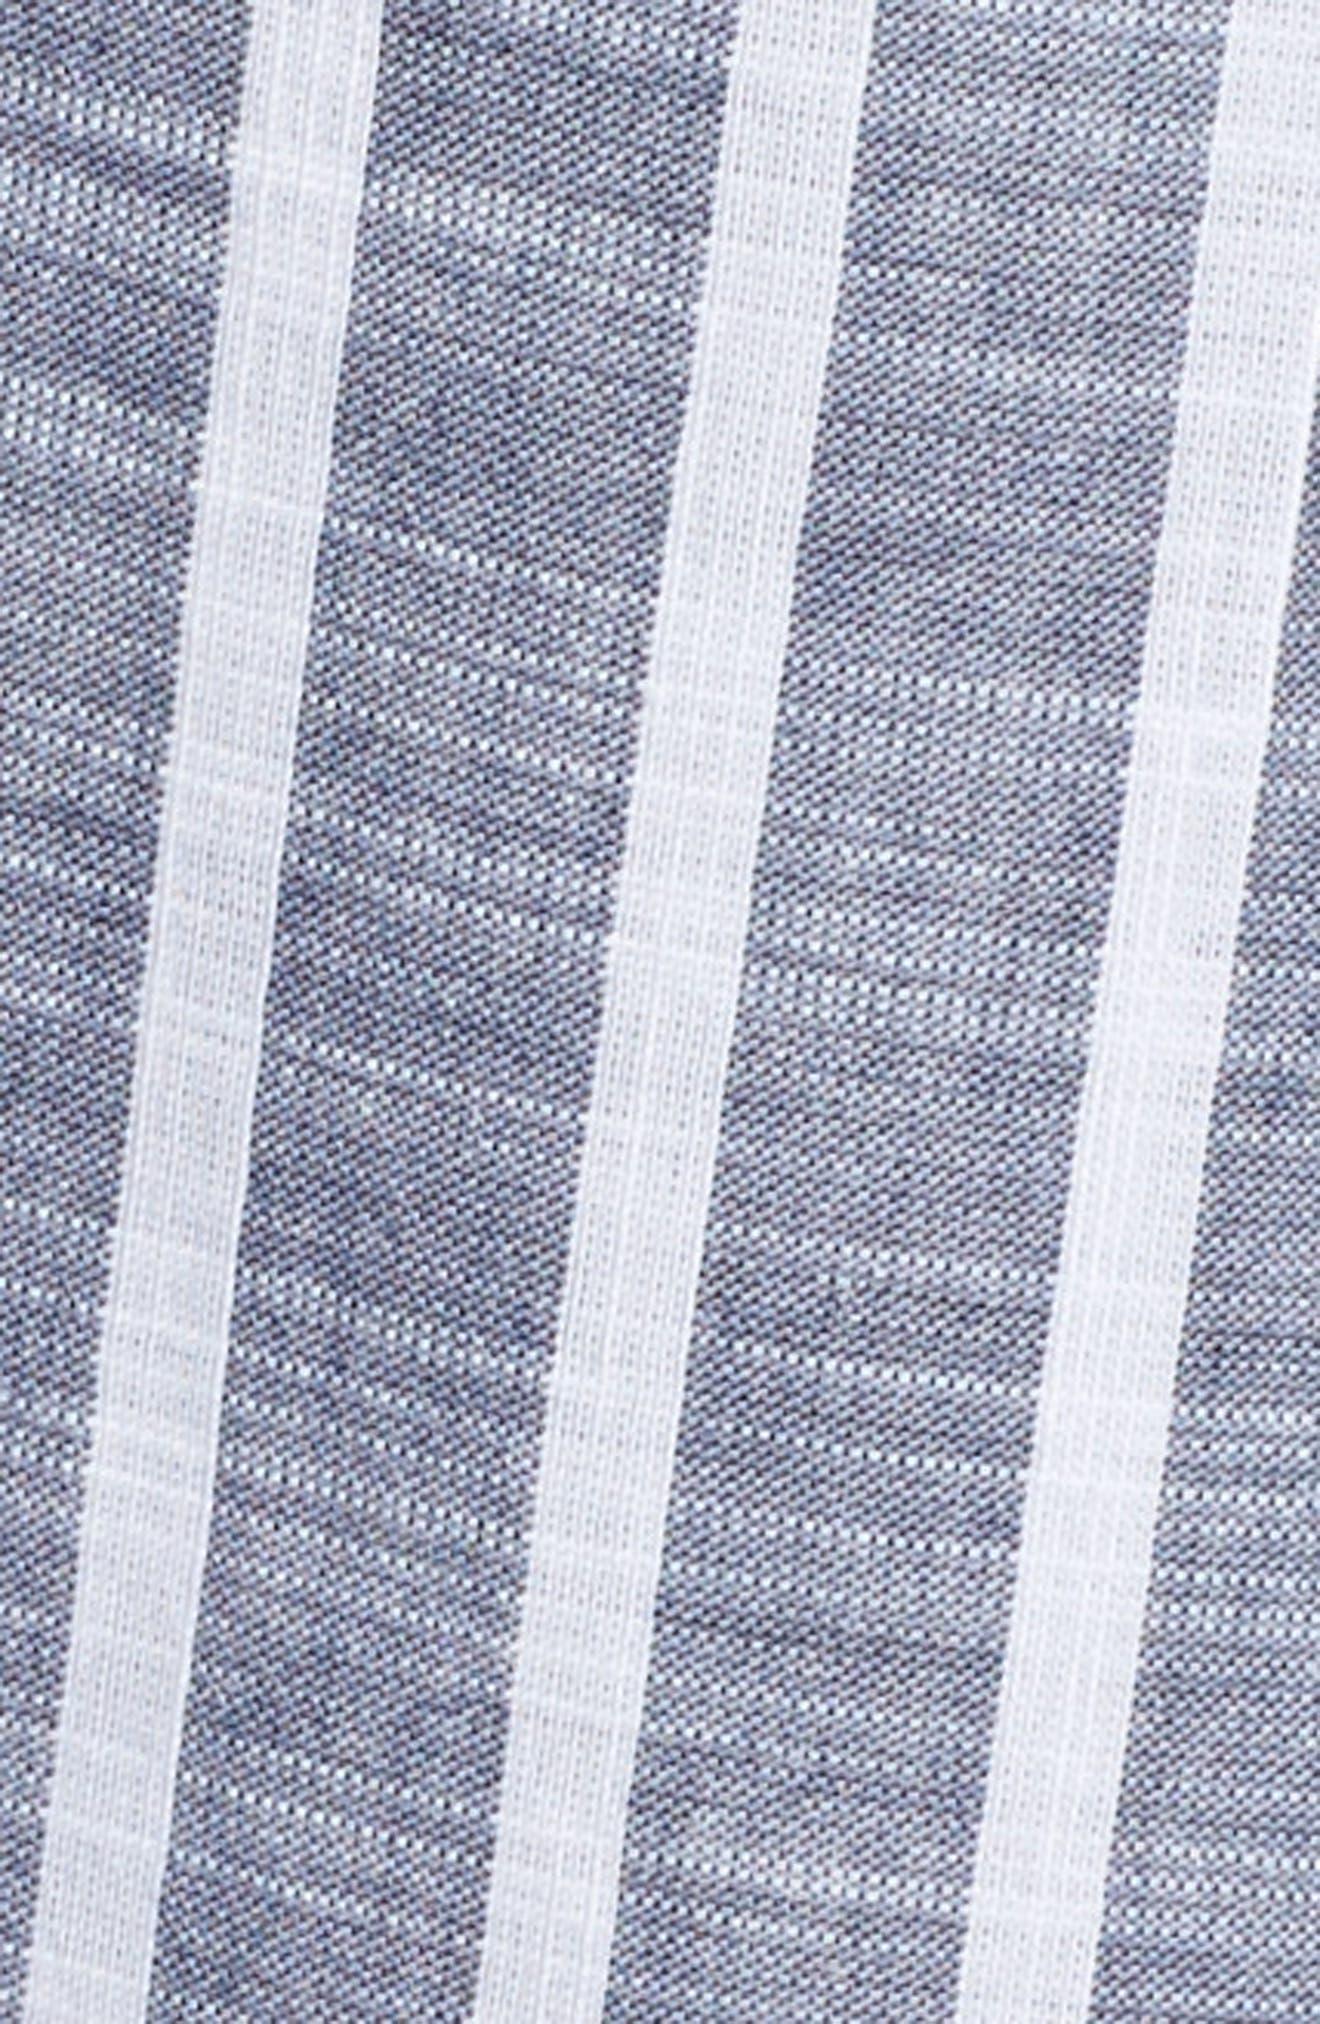 Tie Neck Cotton Tunic,                             Alternate thumbnail 6, color,                             Navy- White Stripe